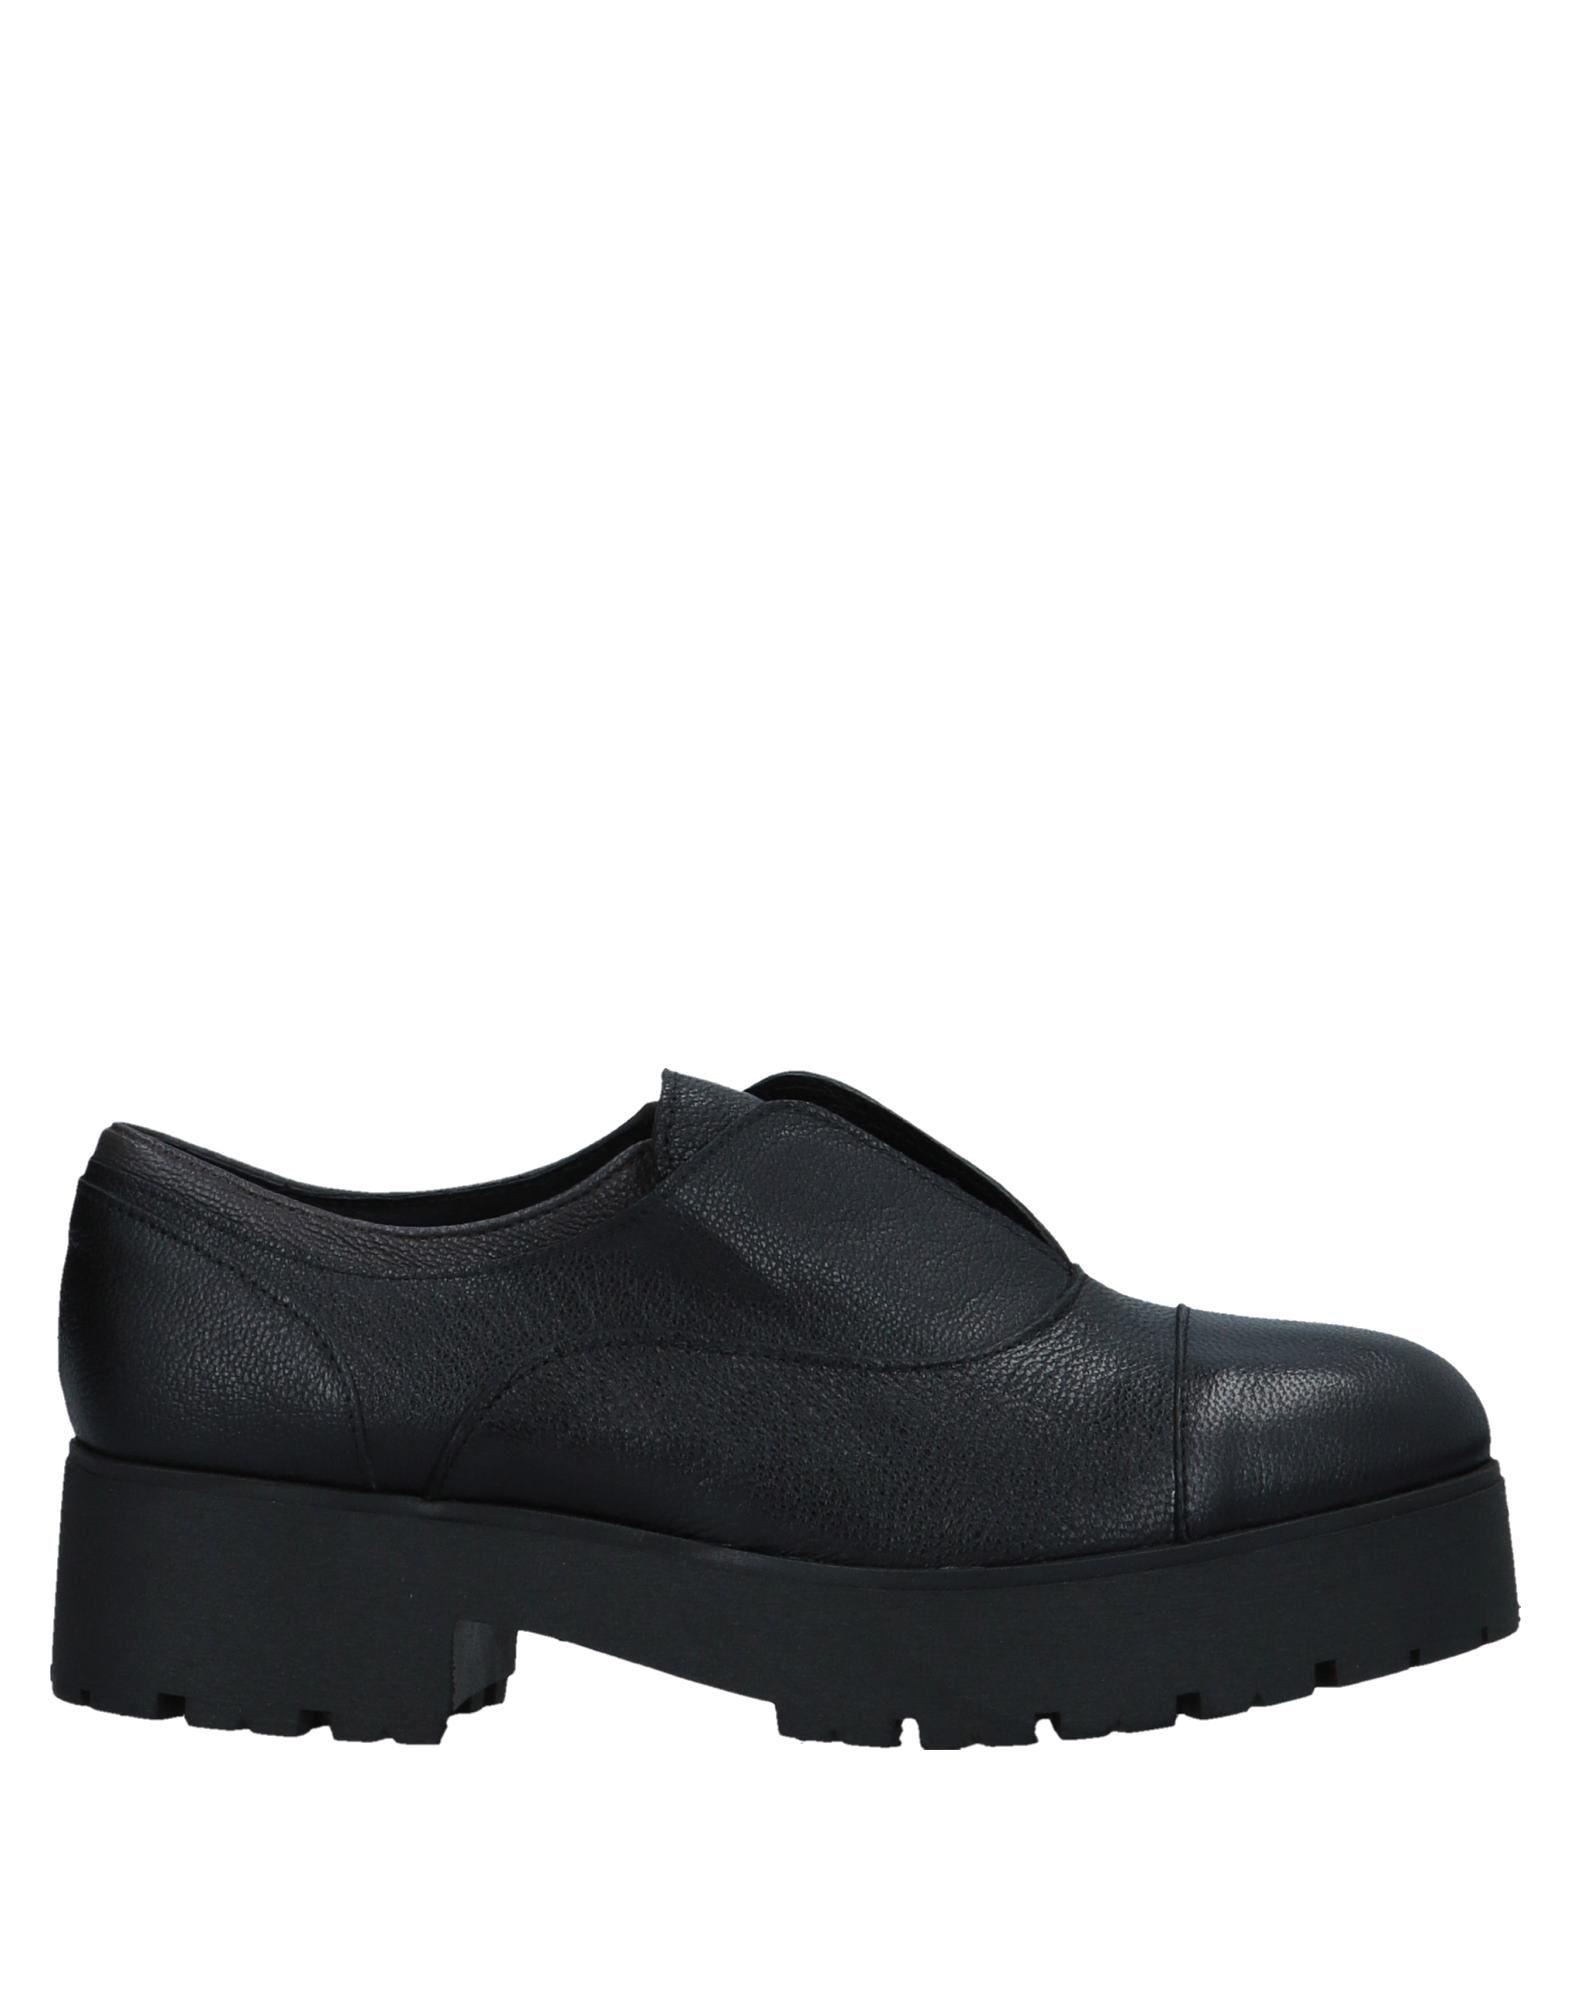 Albachiara Mokassins Damen Schuhe  11532593VU Gute Qualität beliebte Schuhe Damen eded5d